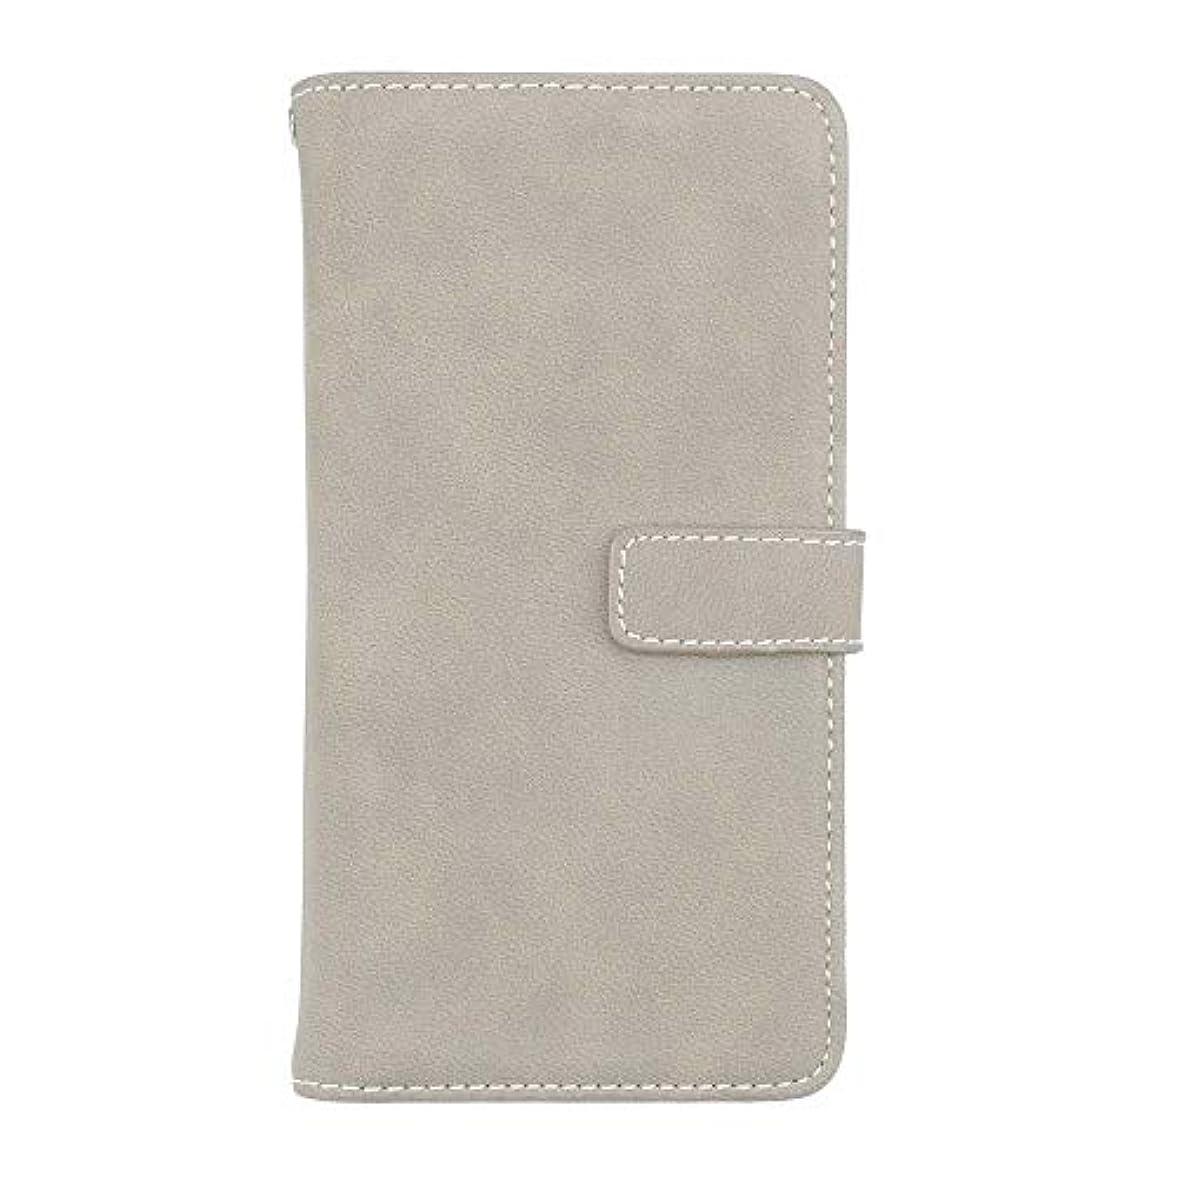 有効こするもっと少なくXiaomi Redmi Note 5 高品質 マグネット ケース, CUNUS 携帯電話 ケース 軽量 柔軟 高品質 耐摩擦 カード収納 カバー Xiaomi Redmi Note 5 用, グレー